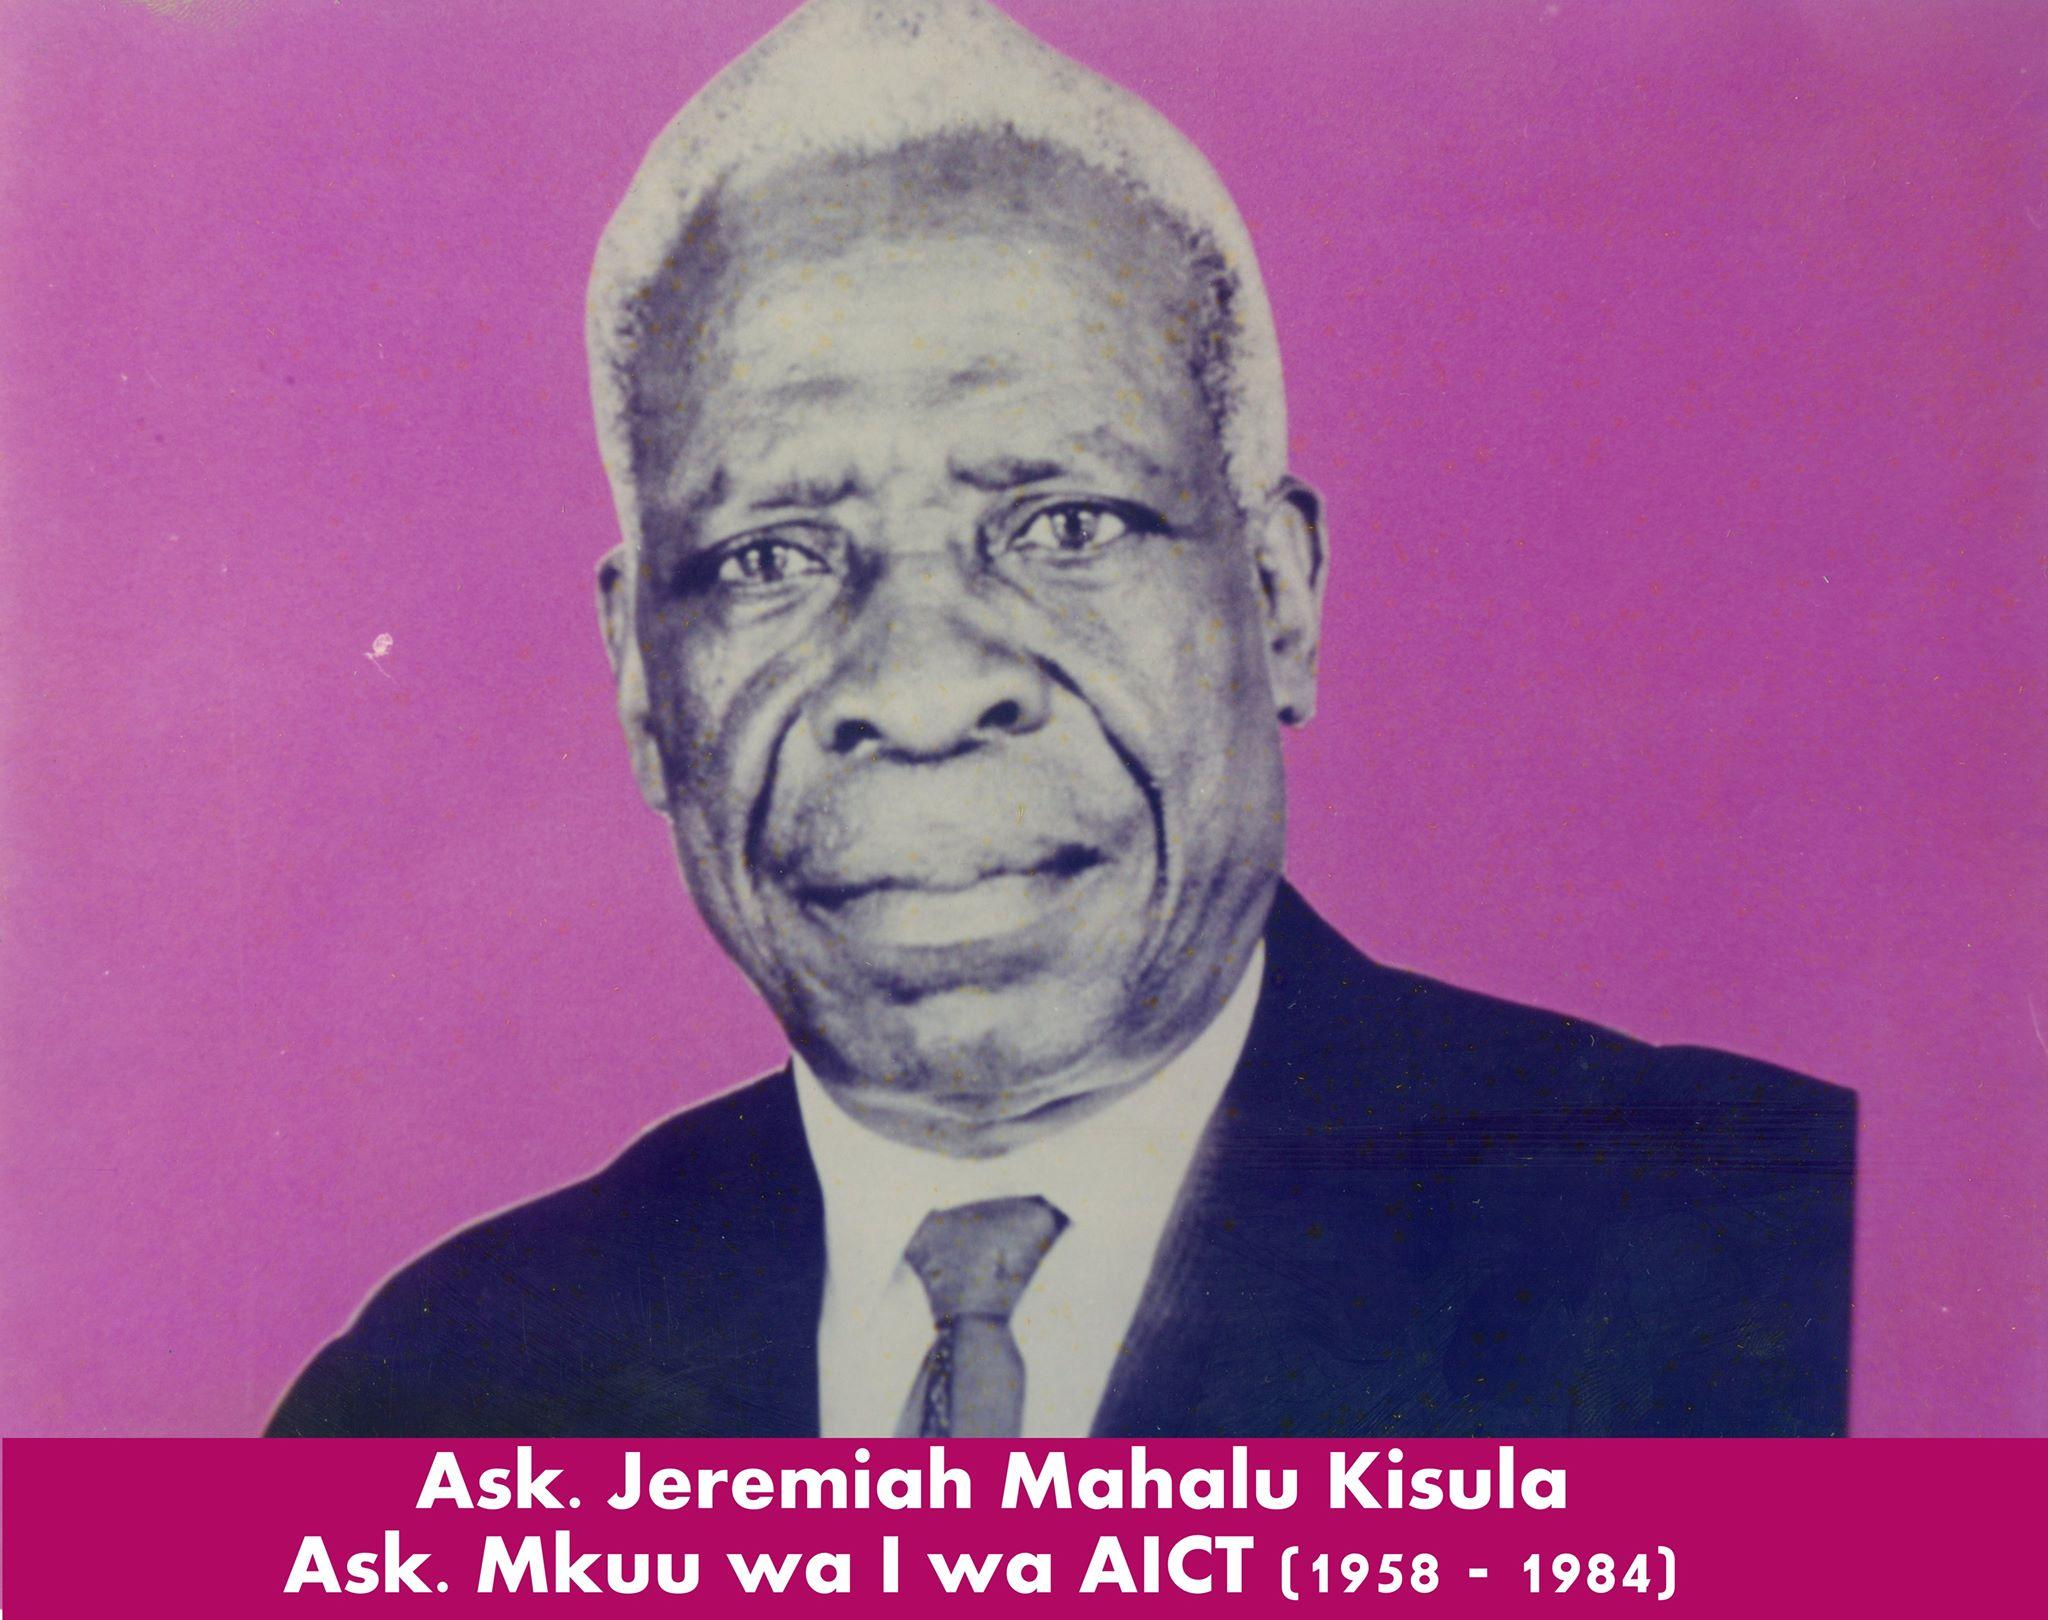 Bishop Jeremiah Mahalu Kisula